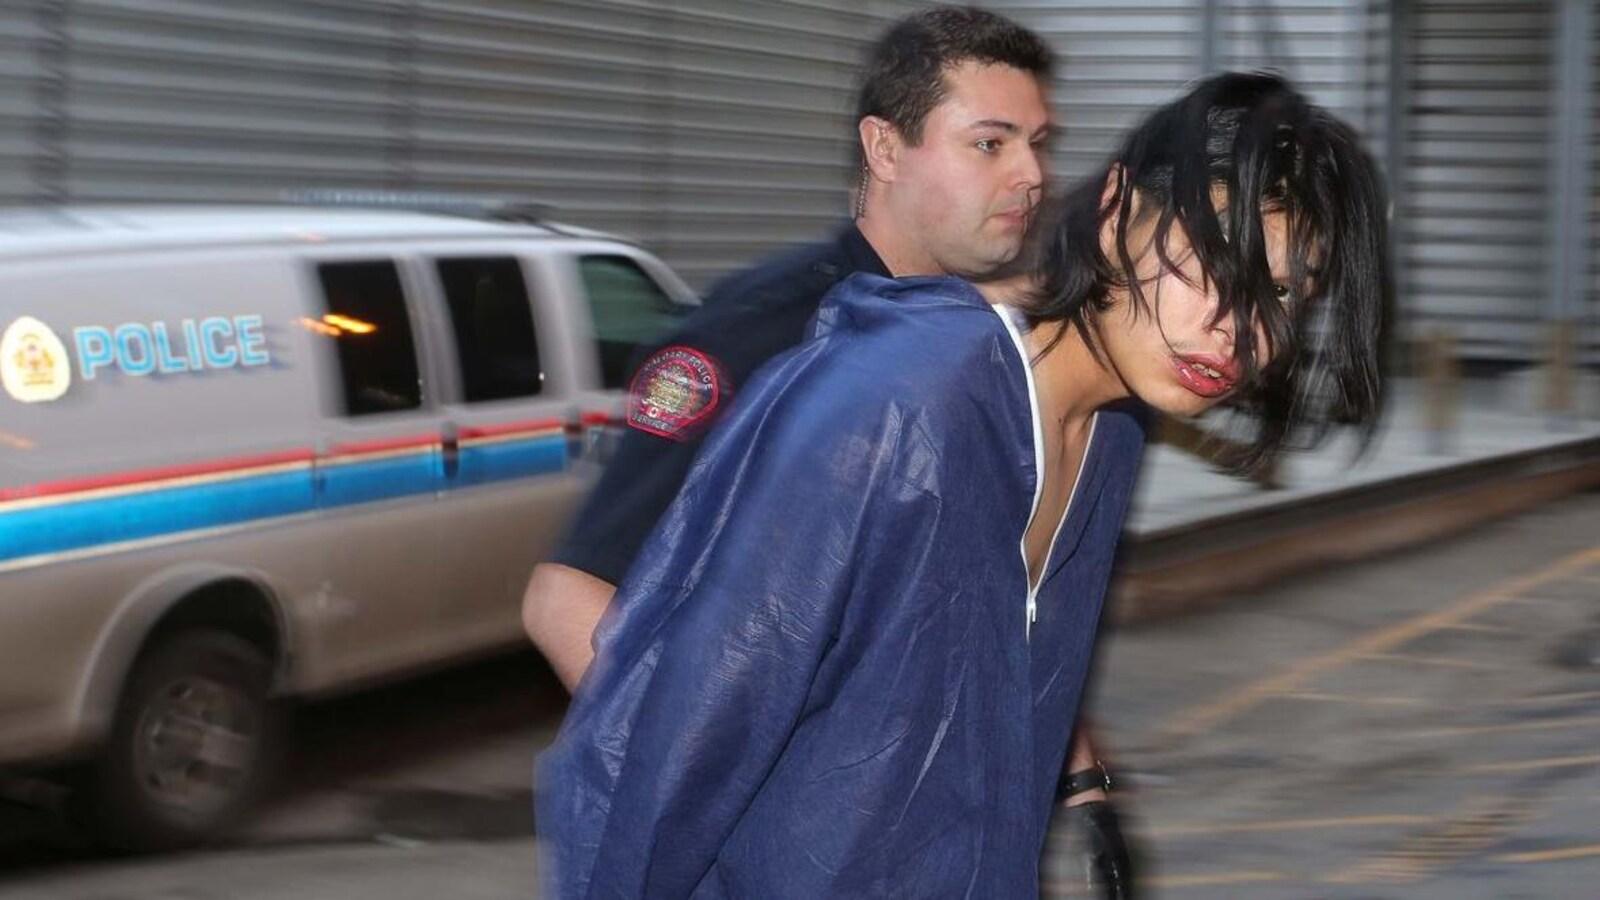 Curtis Healy, vêtu d'un uniforme de prisonnier bleu et le visage partiellement caché par ses cheveux longs, est escorté par un policier.